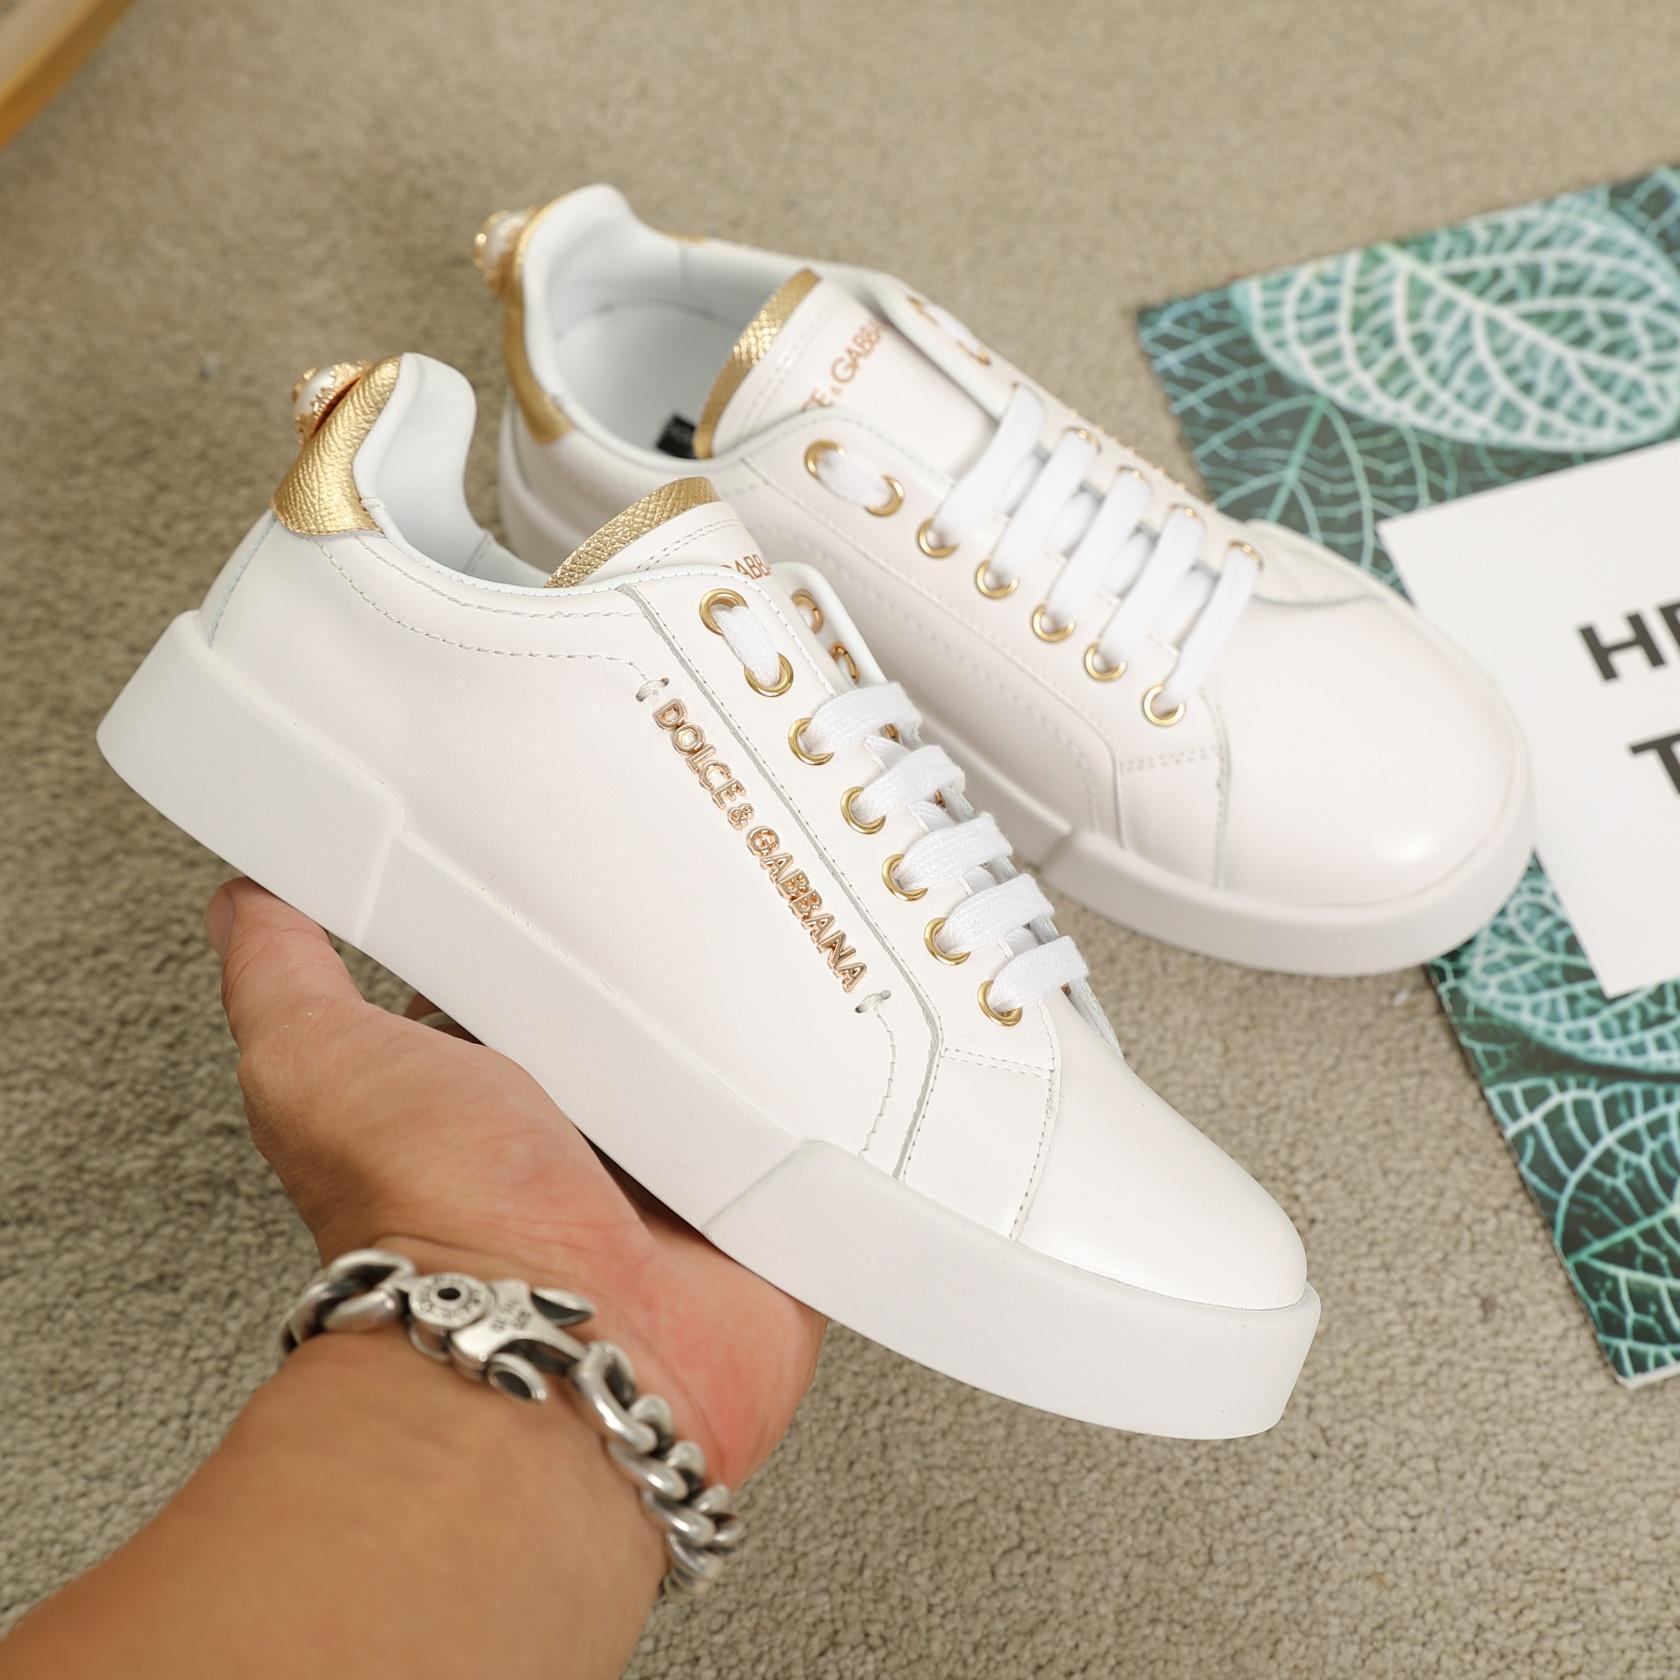 scarpe casual estate 2019y alto design di lusso in pelle di coppia limitata, i singoli pattini di alta qualità unisex scarpe sportive moda selvatici Dimensione: 35-45